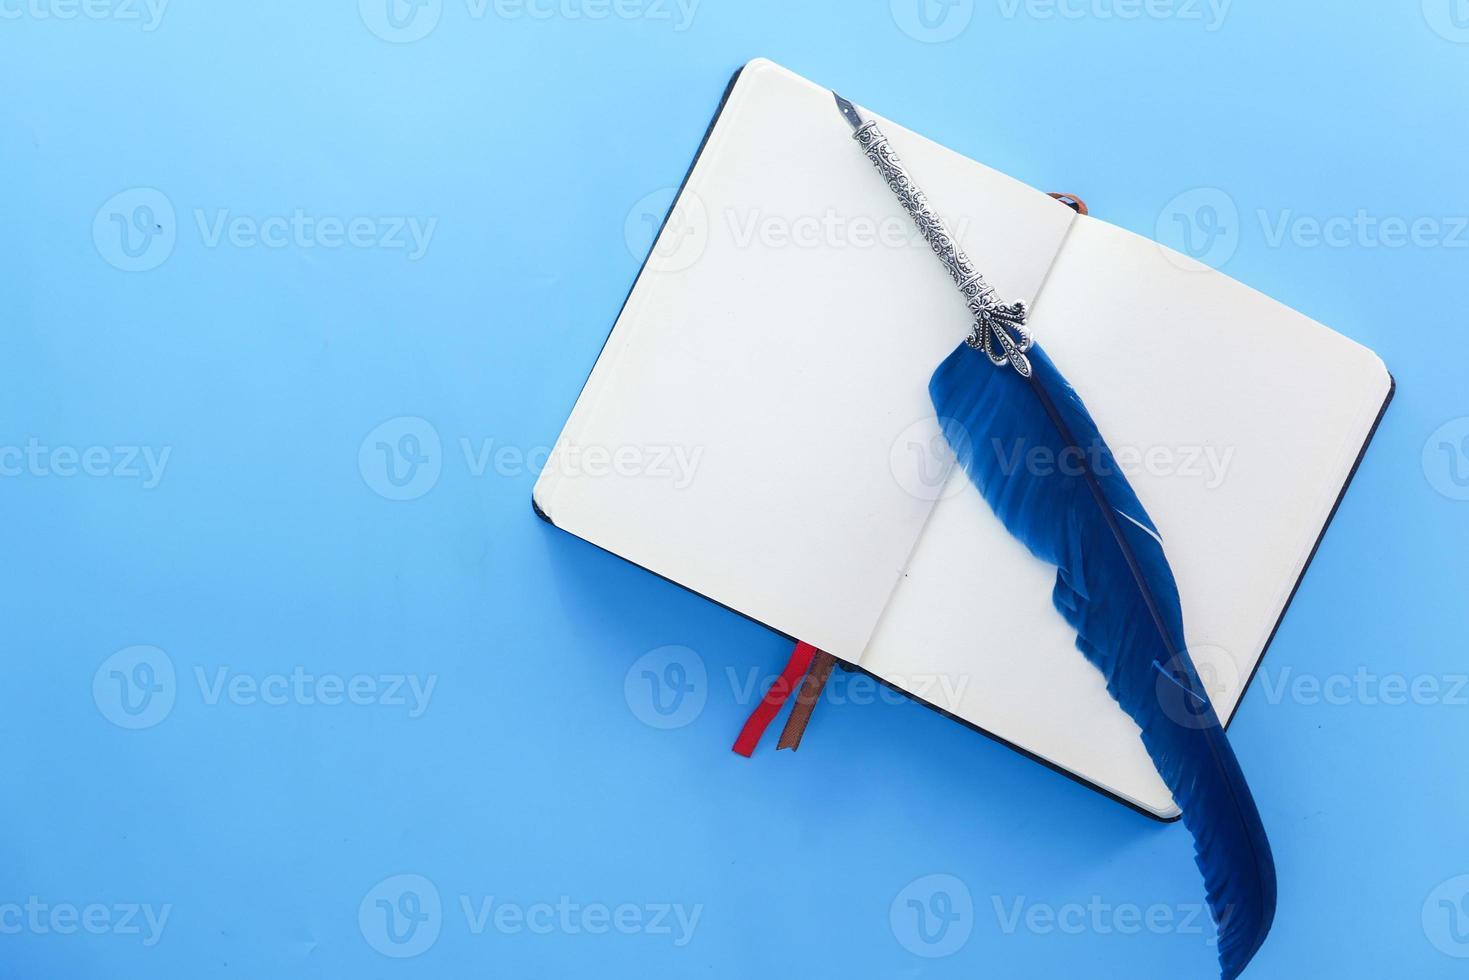 libro aperto e vecchia penna stilografica su sfondo blu foto